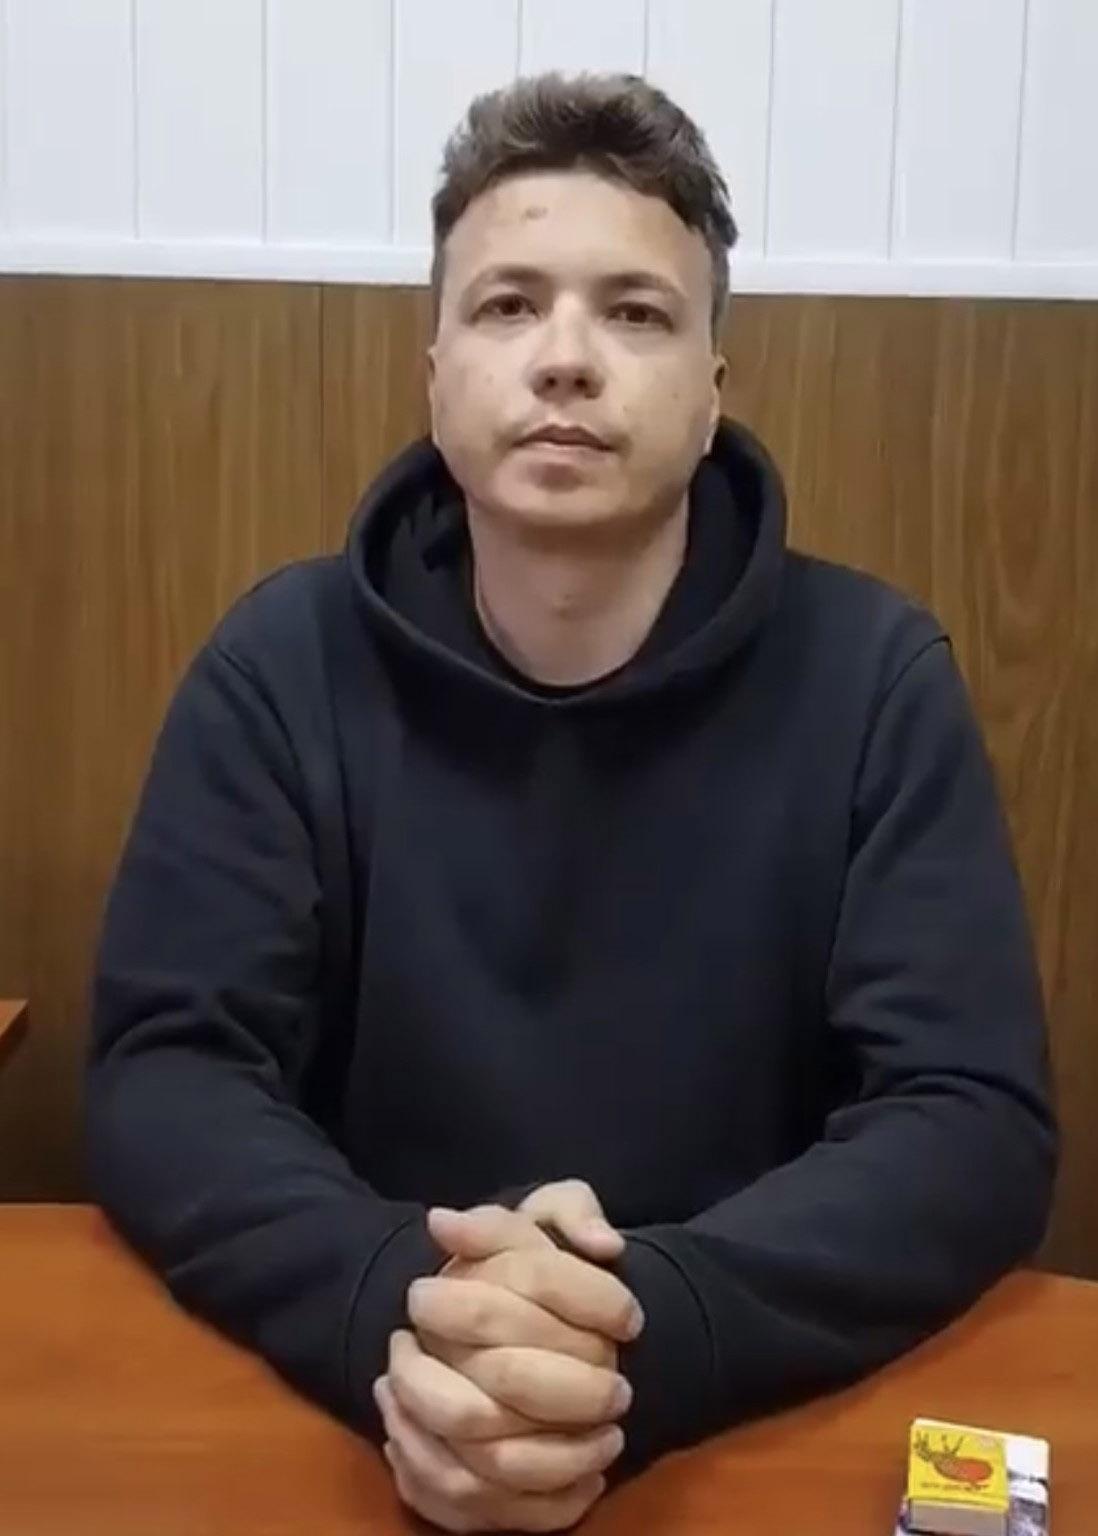 Белорусы задержали белорусского гражданина по имени Роман Протасевич, создателя и руководителя телеграм-канала НЕХТА.